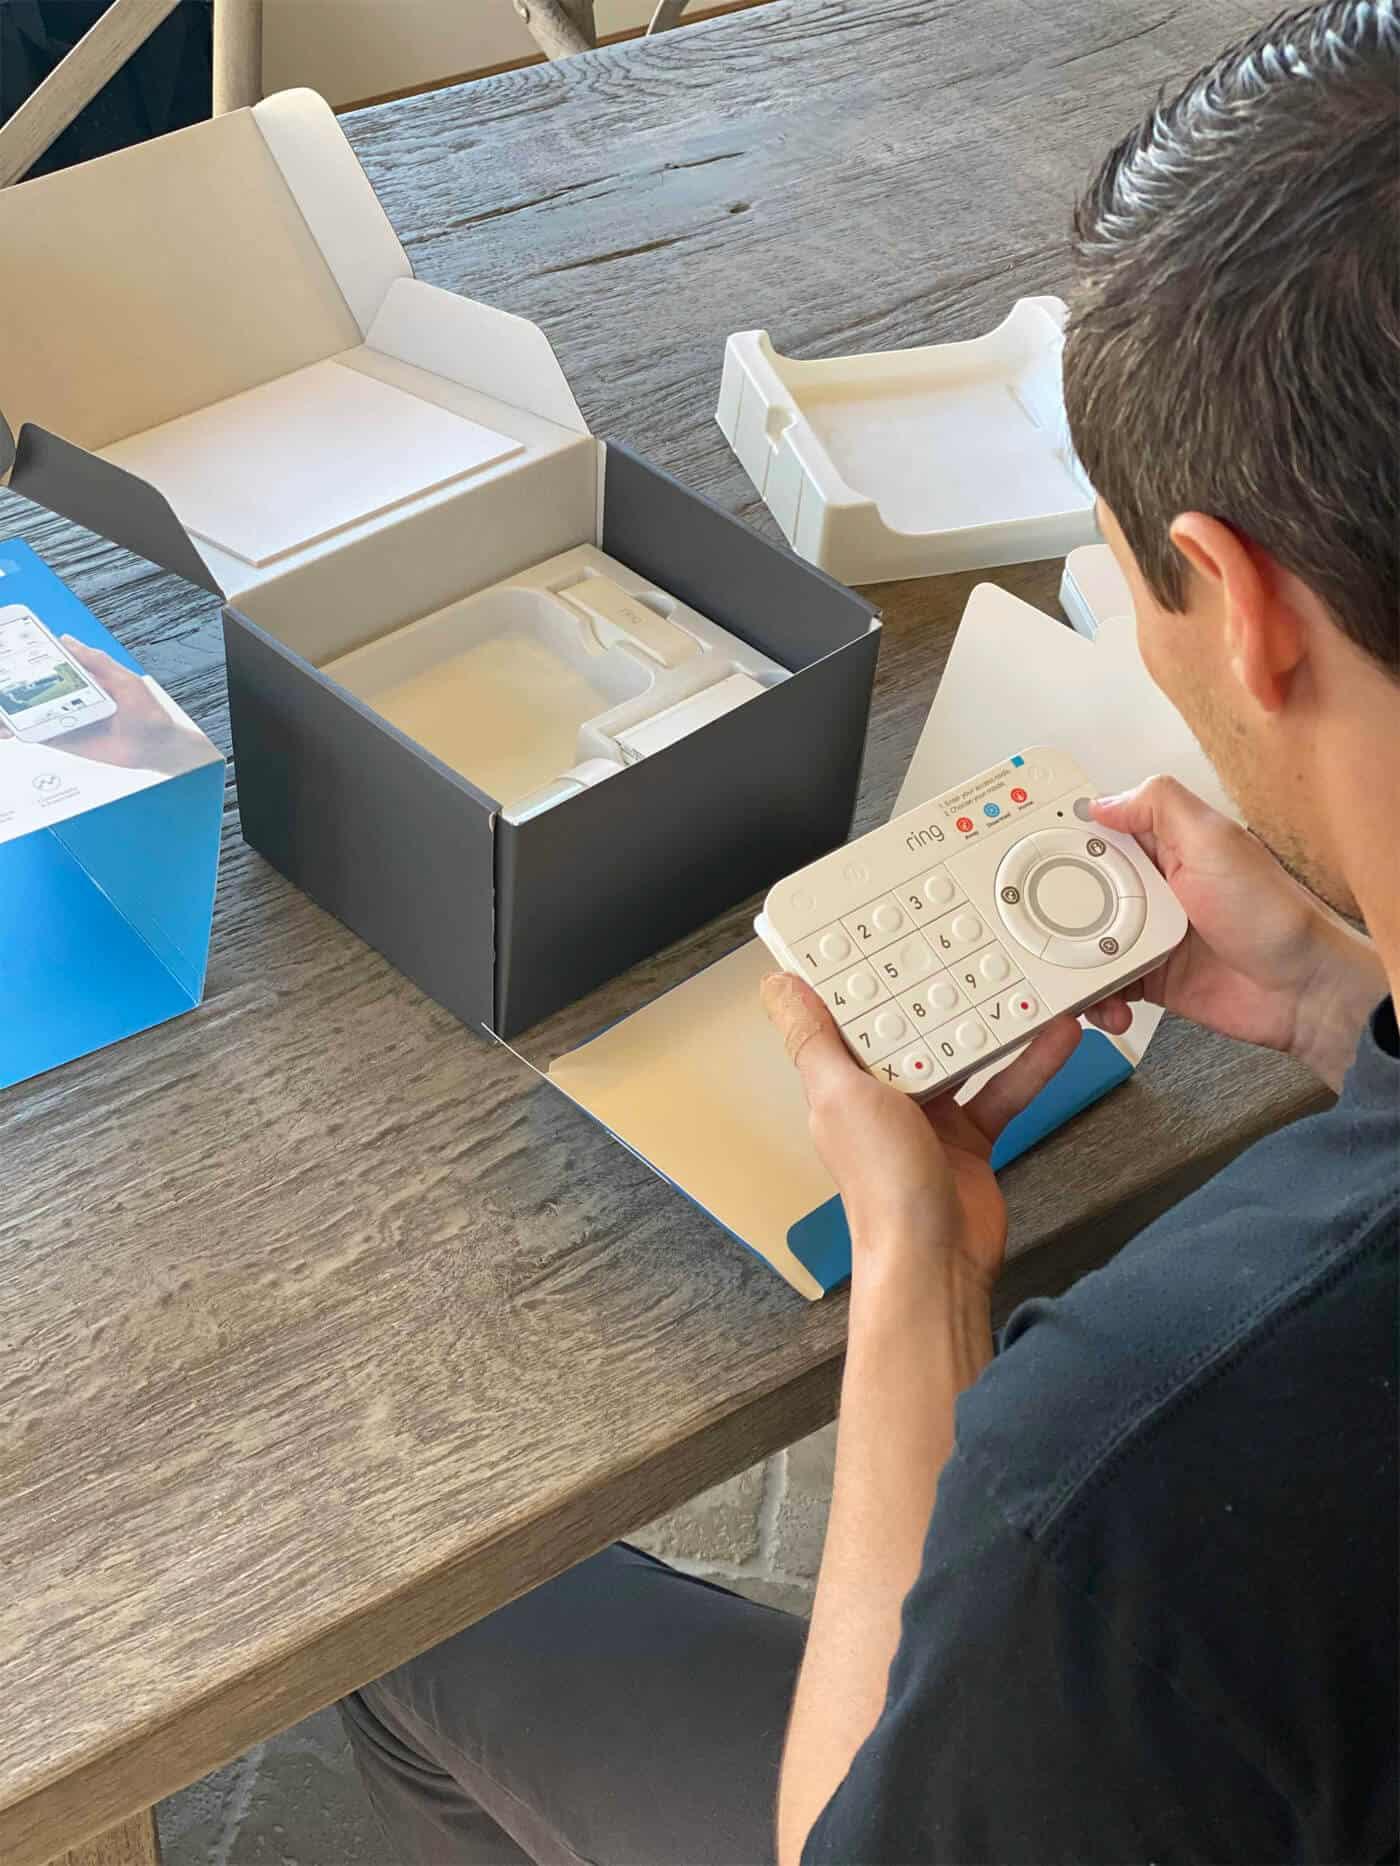 Evaluating Ring Alarm Keypad